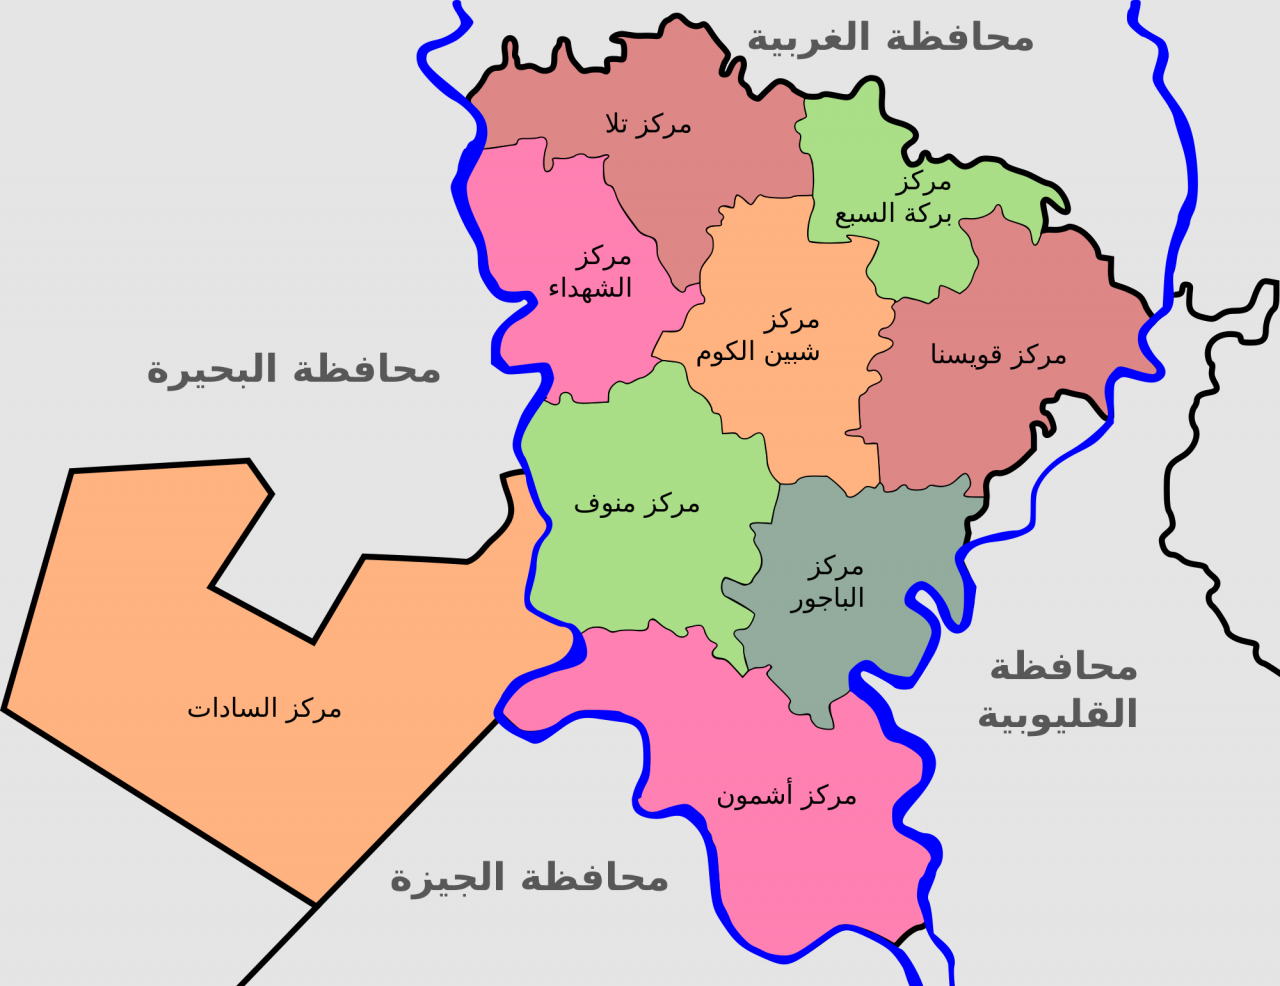 صورة خريطة محافظة المنوفية , تعرف علي محافظة المنوفية